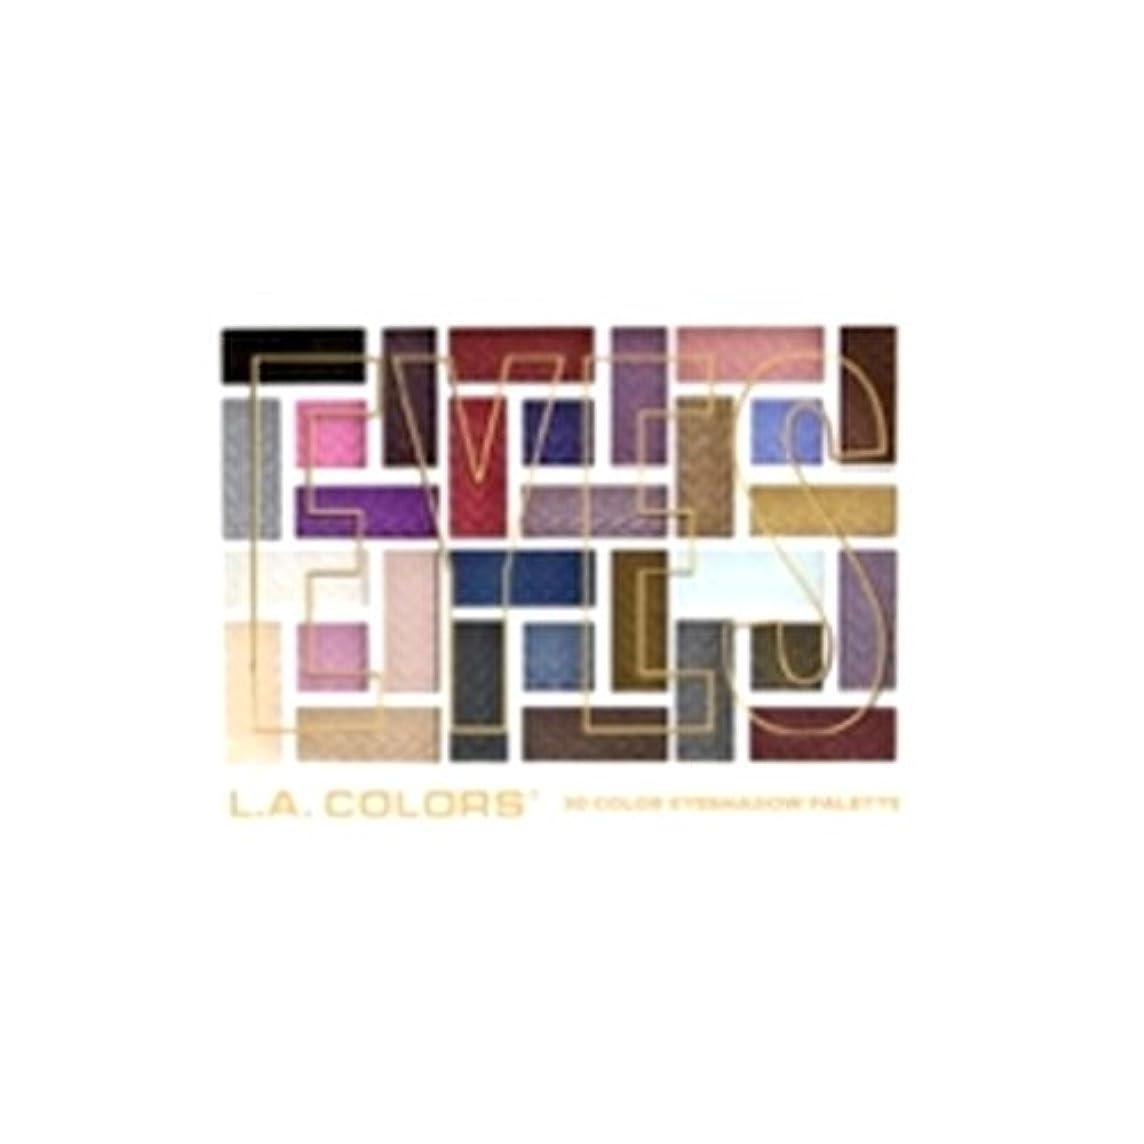 慣習シロクマ少数(3 Pack) L.A. COLORS 30 Color Eyeshadow Palette - Back To Basics (並行輸入品)